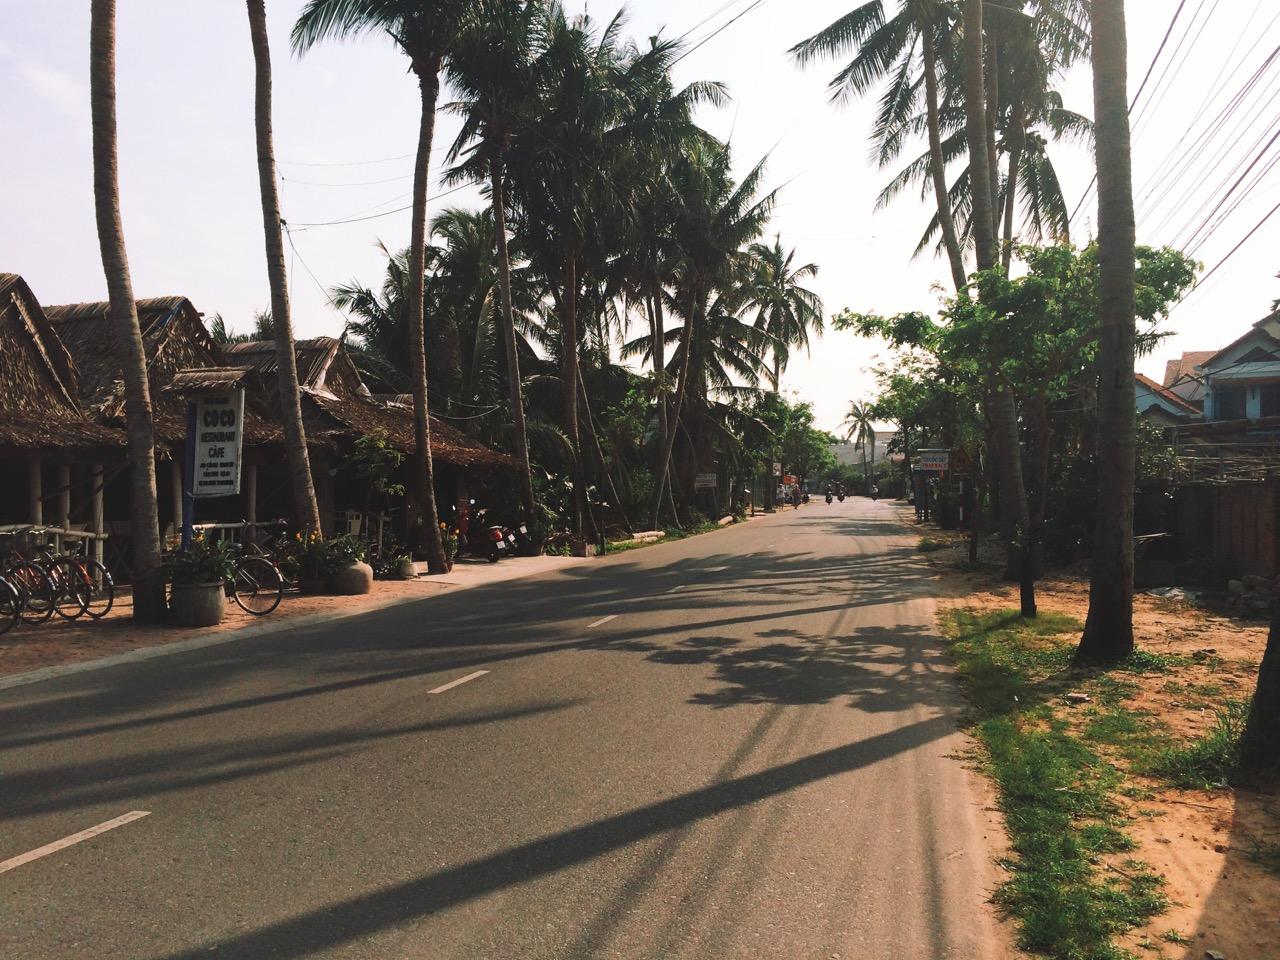 Путешествие по Вьетнаму: По дороге до пляжа, Хойан